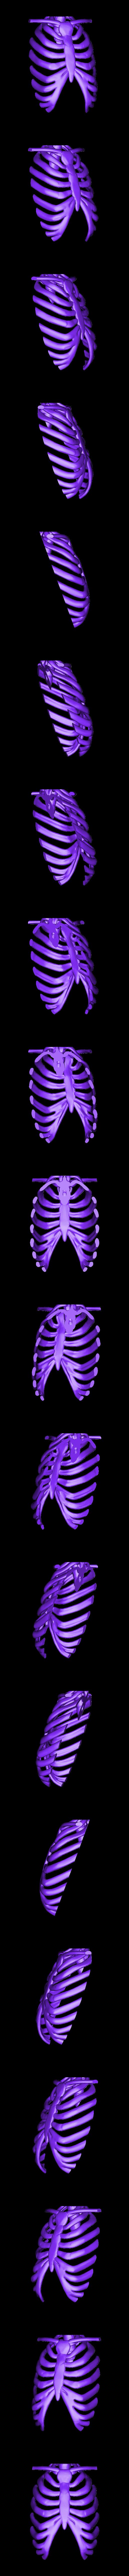 thorax_ant_skel.stl Télécharger fichier STL gratuit Squelette humain • Objet imprimable en 3D, Cornbald